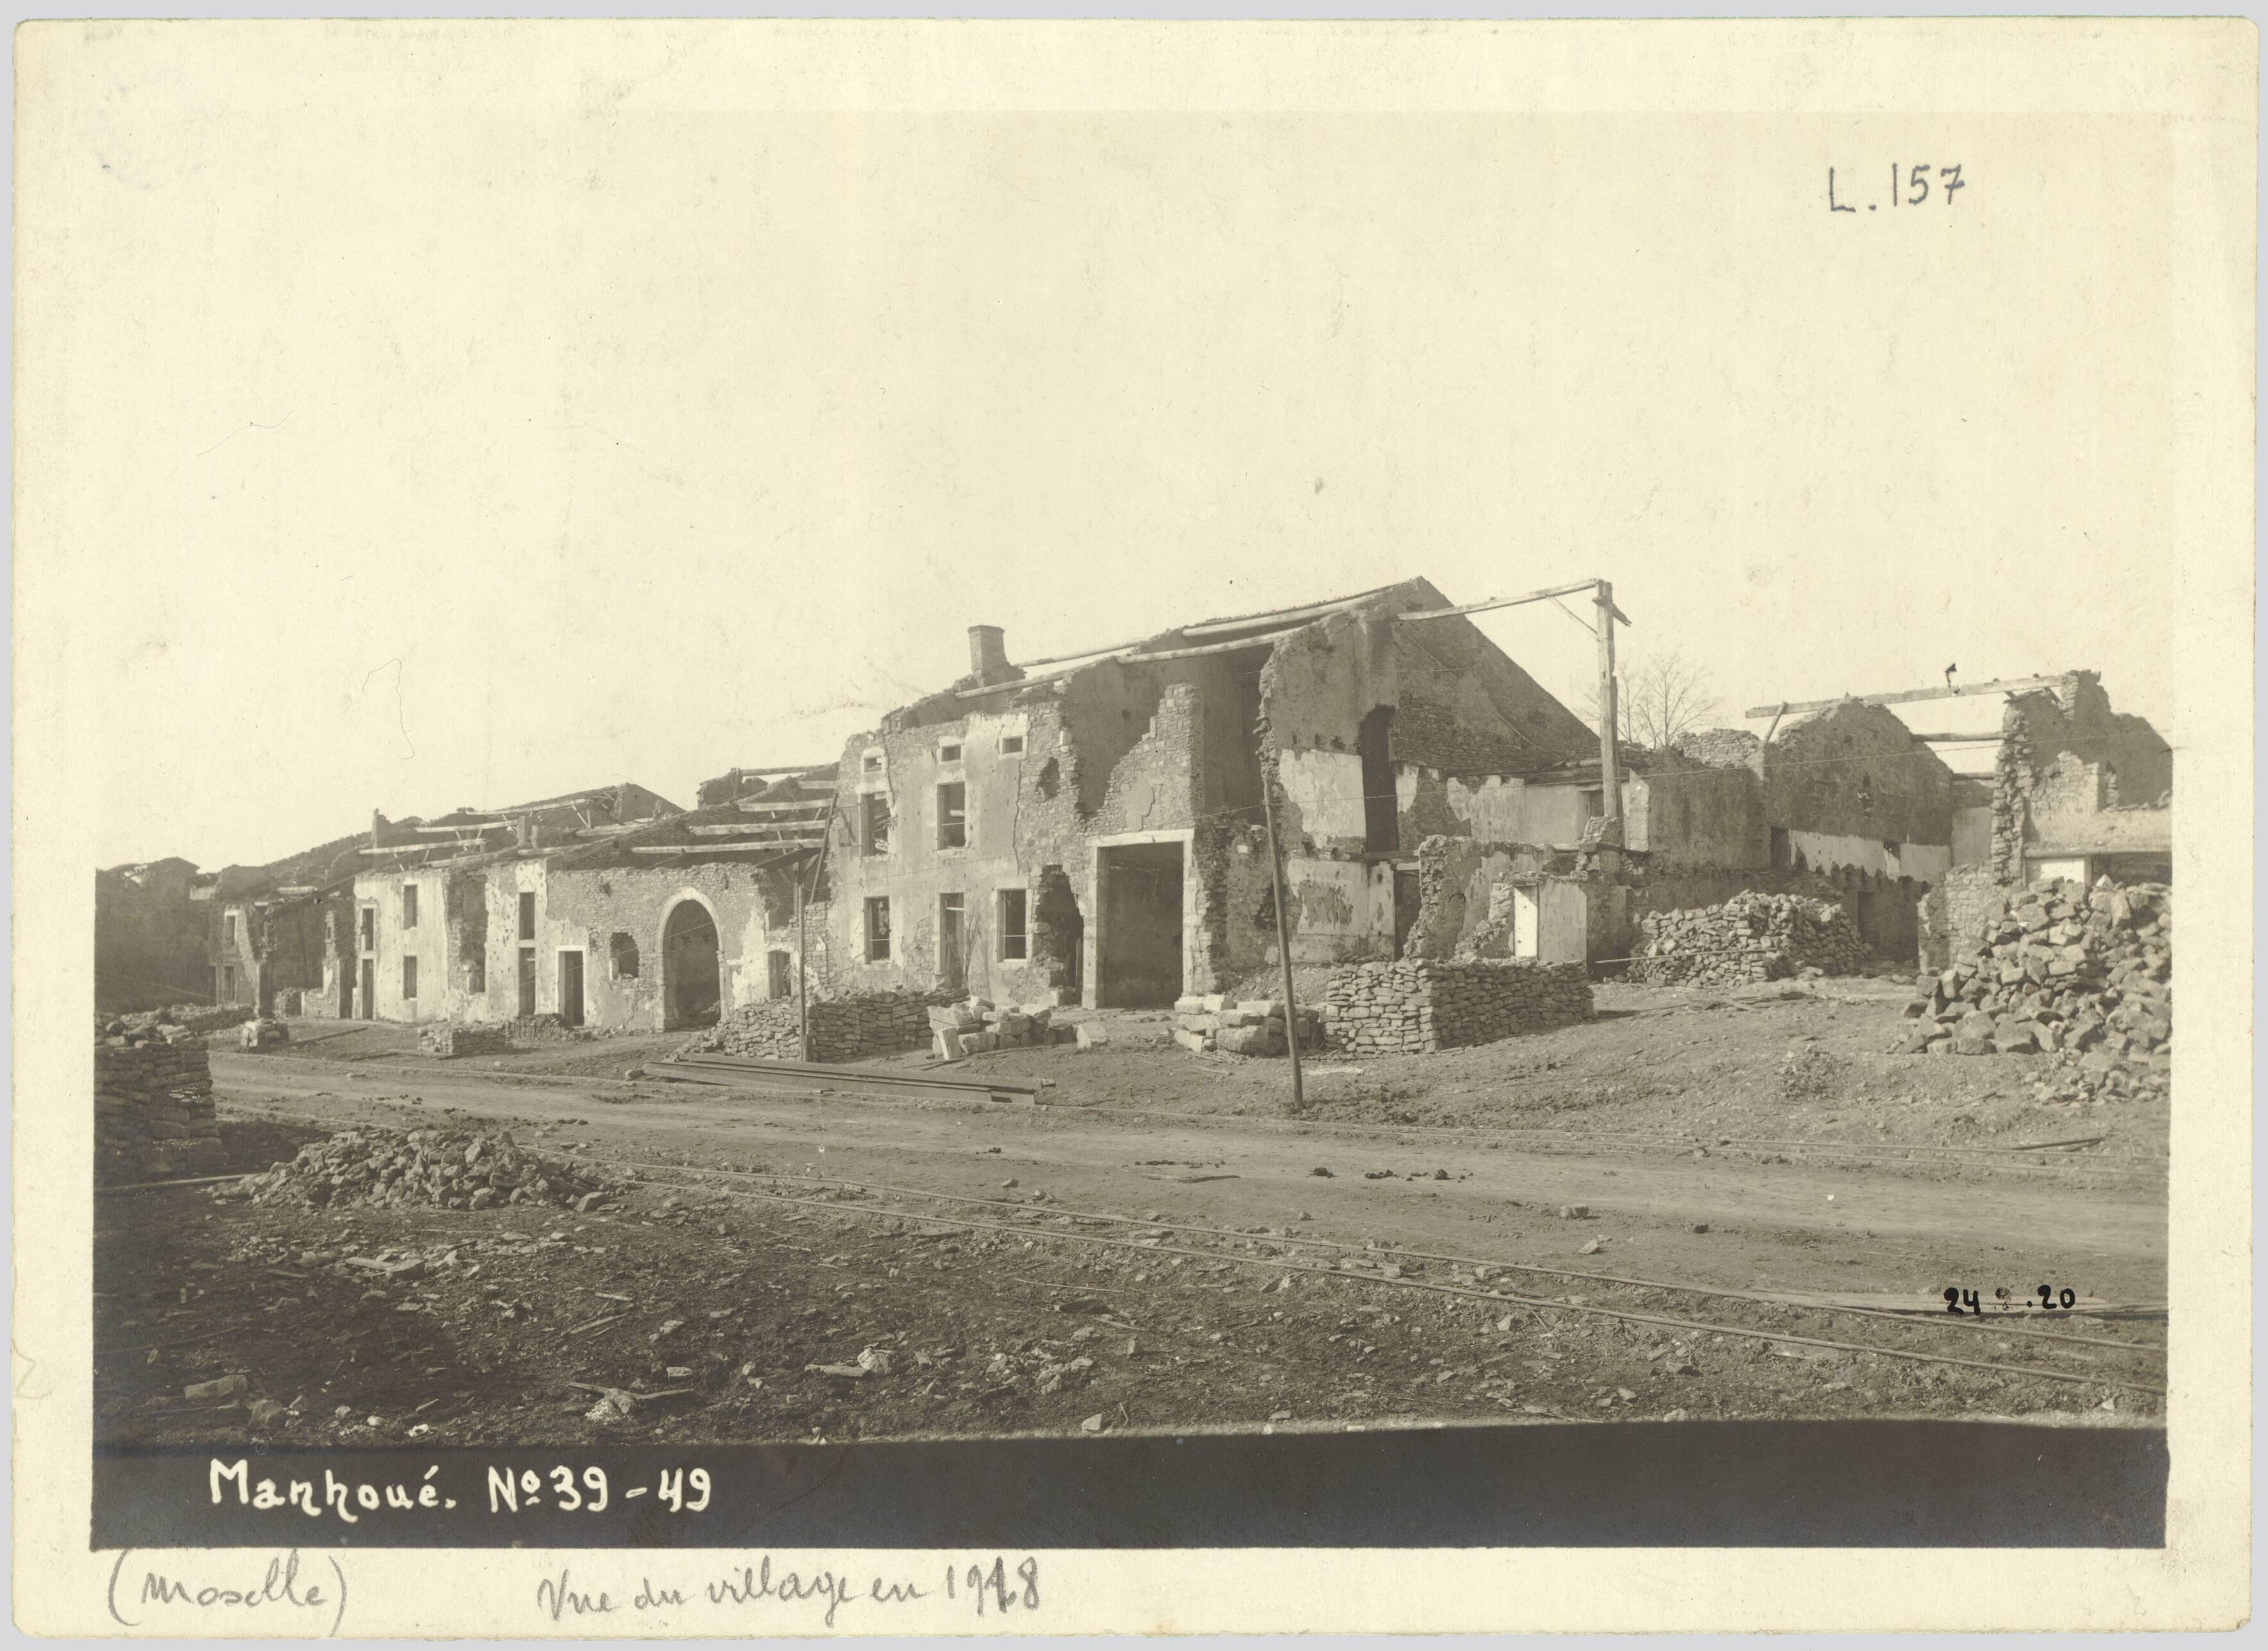 MANHOUE (MOSELLE). VUE DU VILLAGE EN 1918